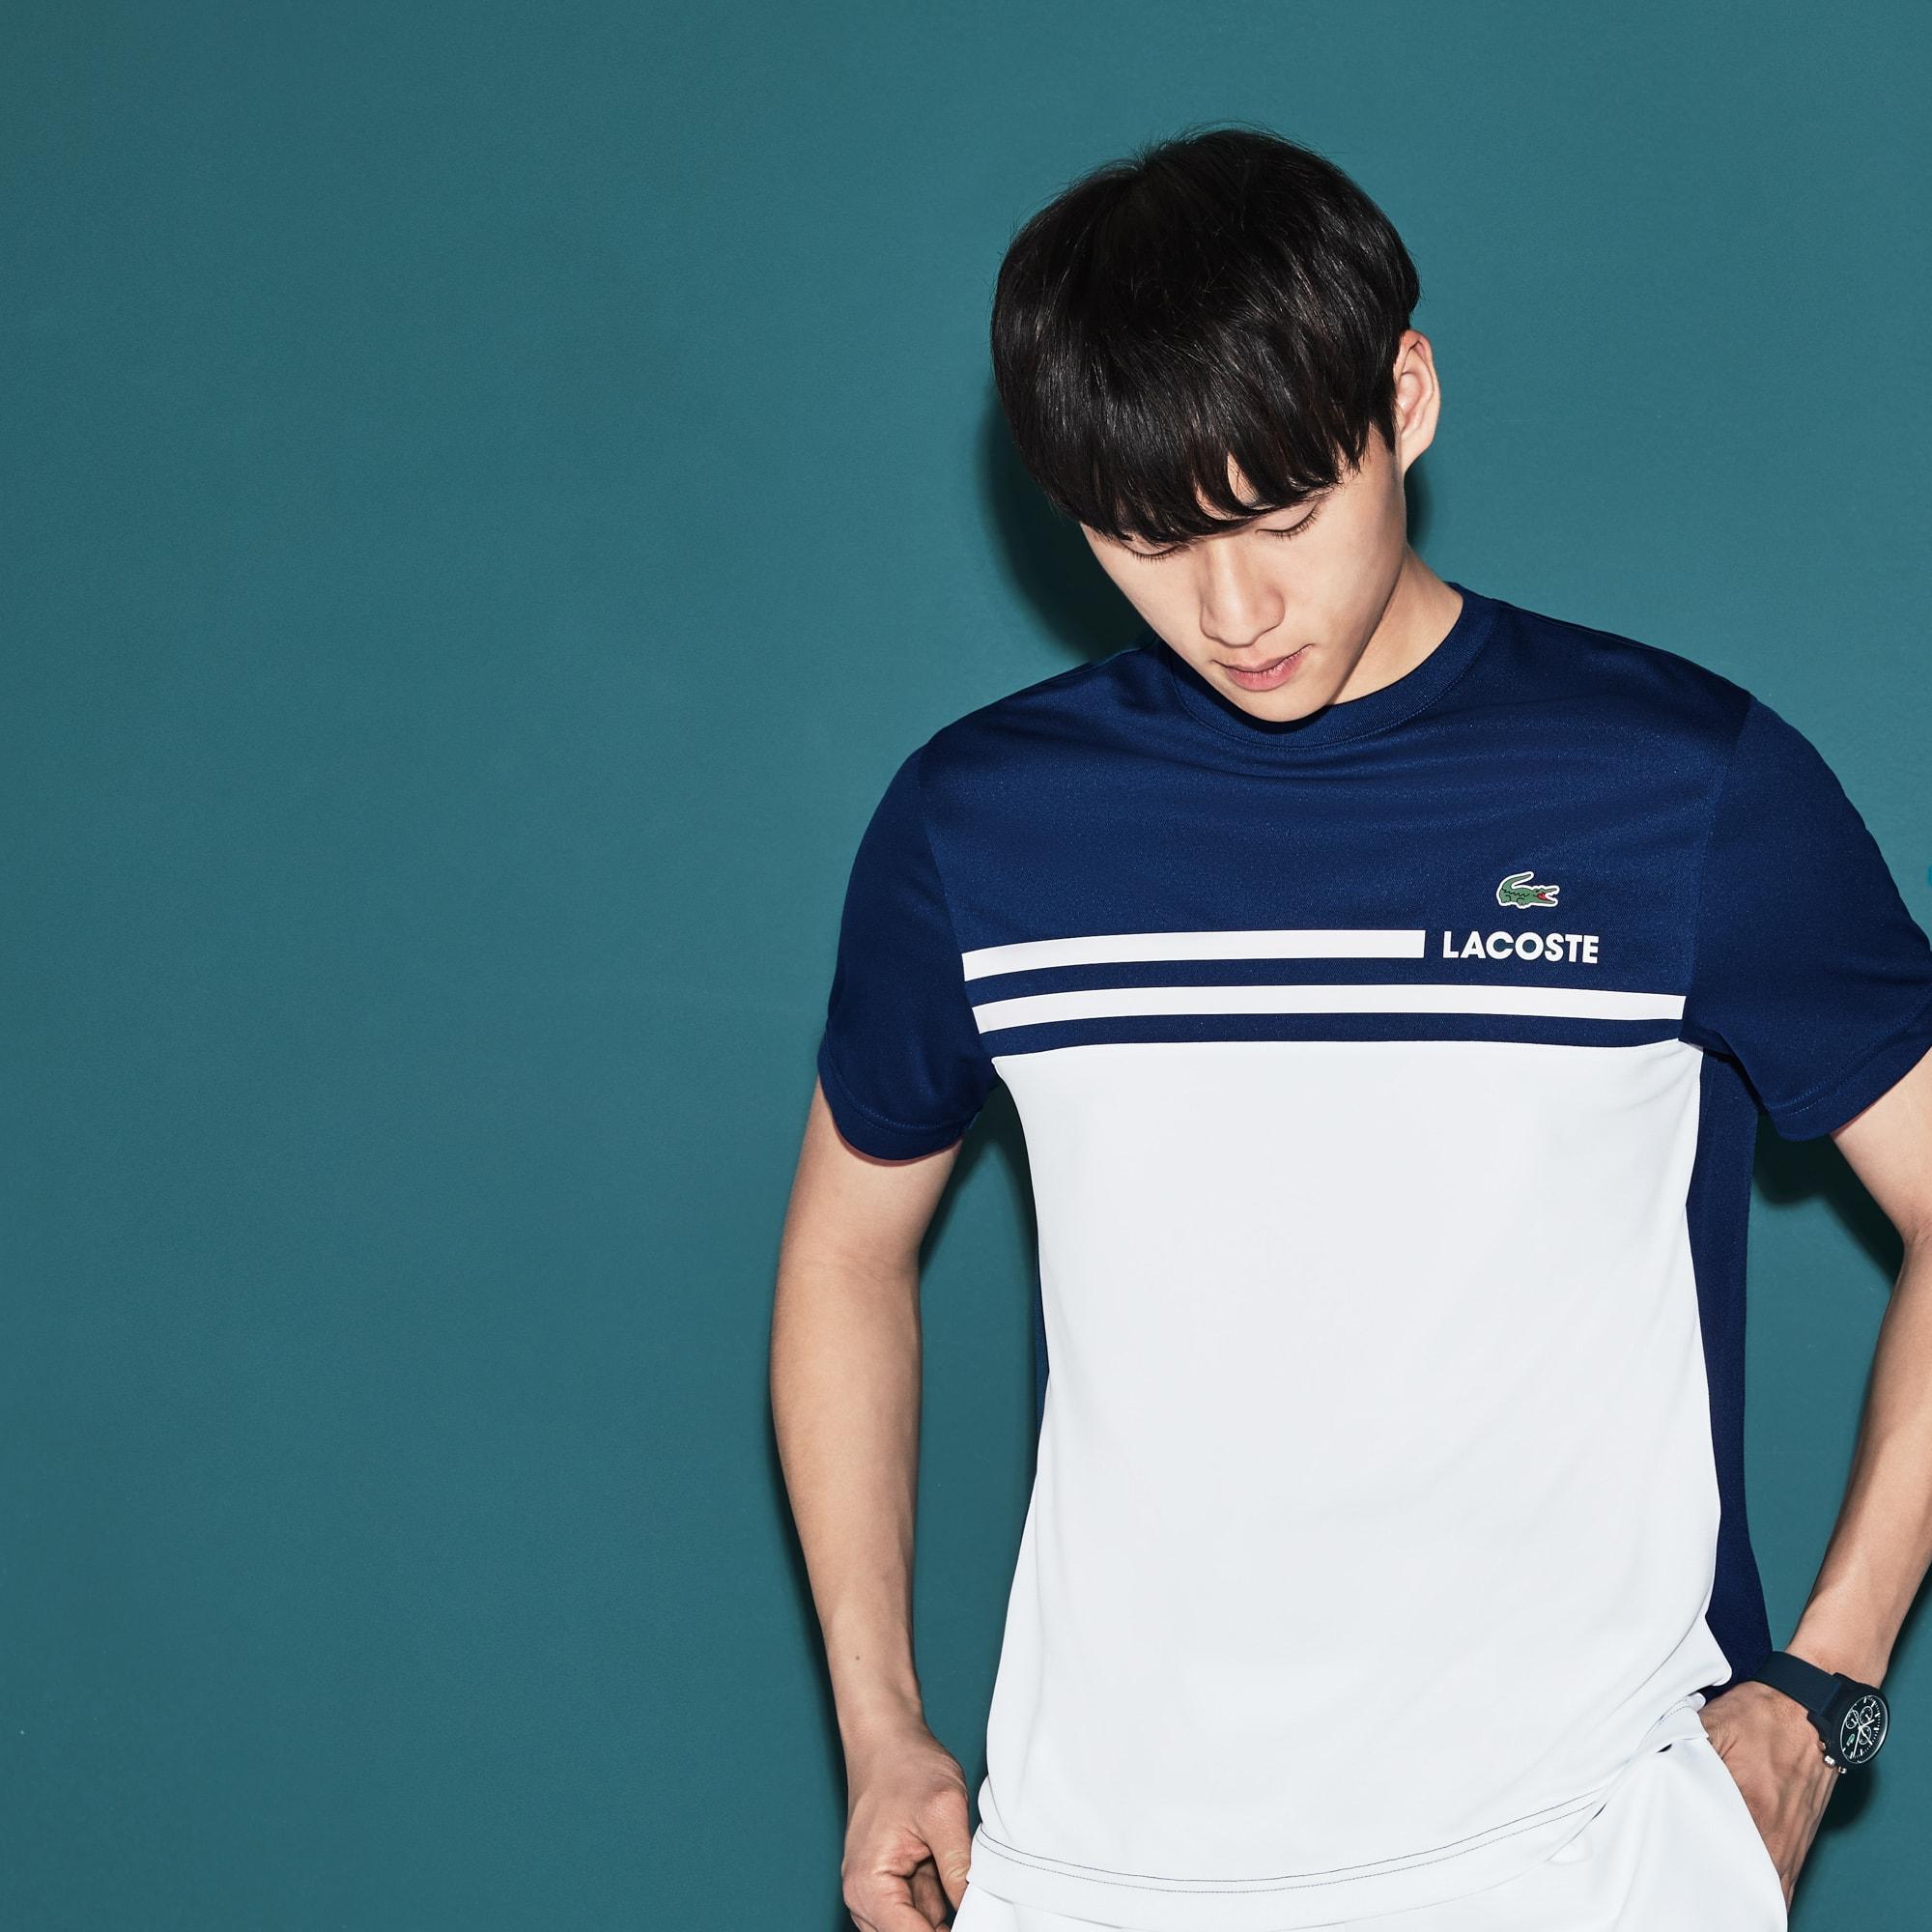 Men's Lacoste SPORT Colorblock Technical Piqué Tennis T-shirt